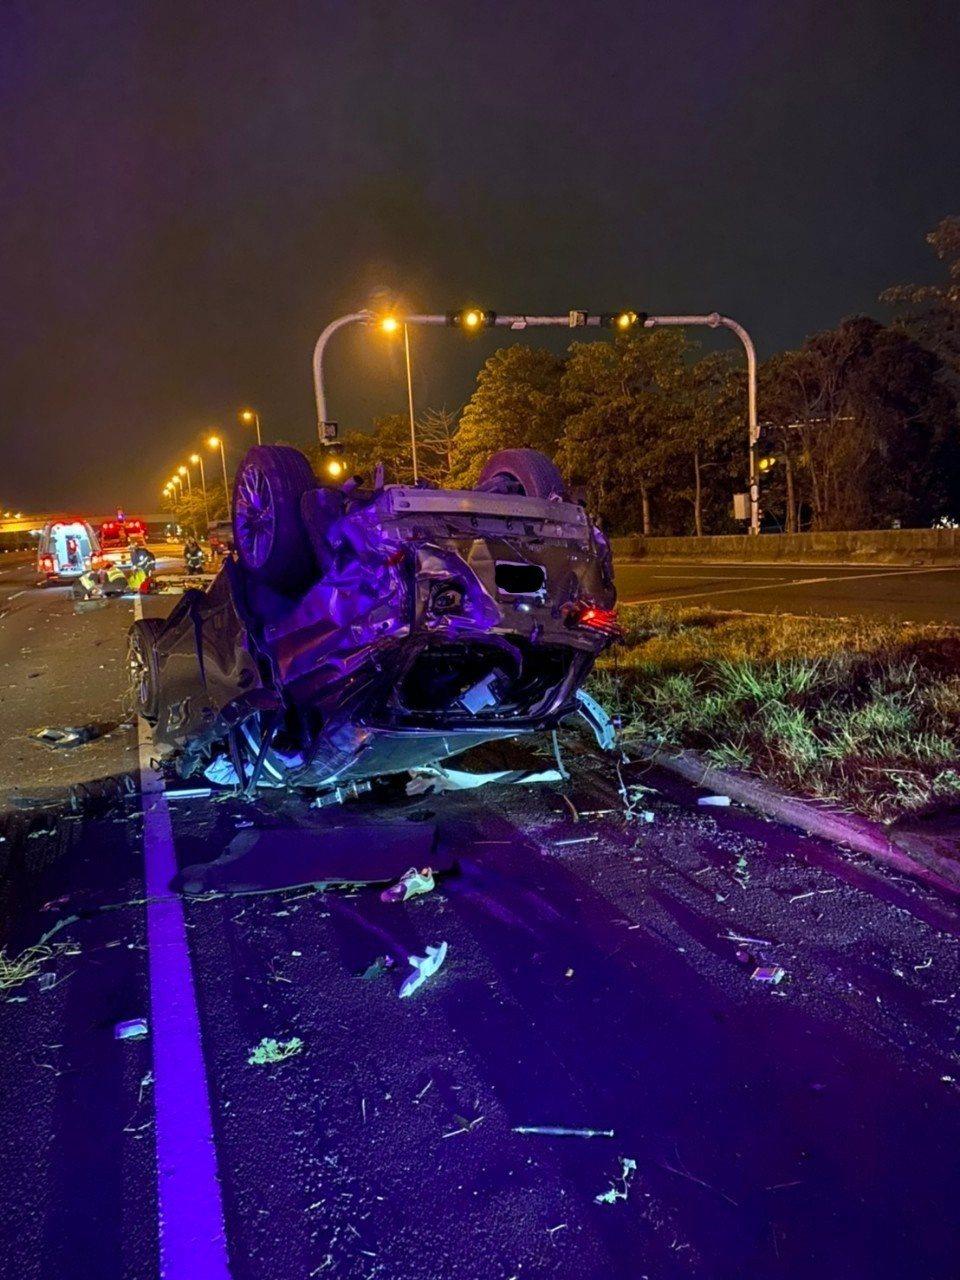 經統計,行駛國道未繫安全帶,發生事故之致死率,是繫安全帶的3.6倍。 圖/高公局...